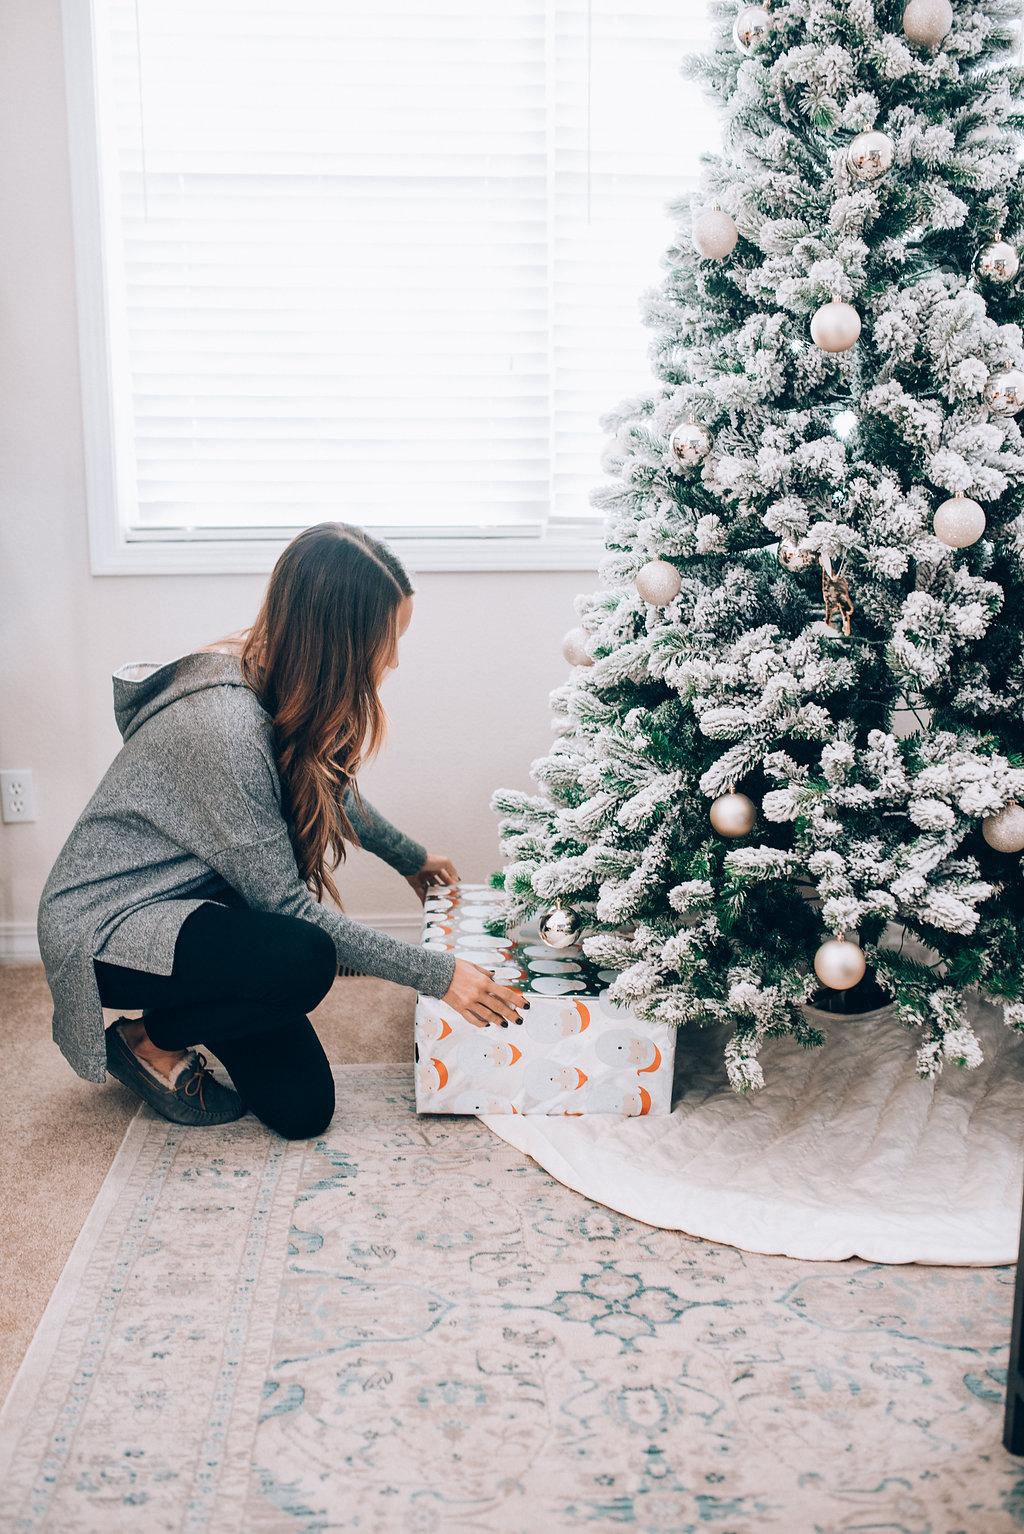 lauren sims gift ideas for men